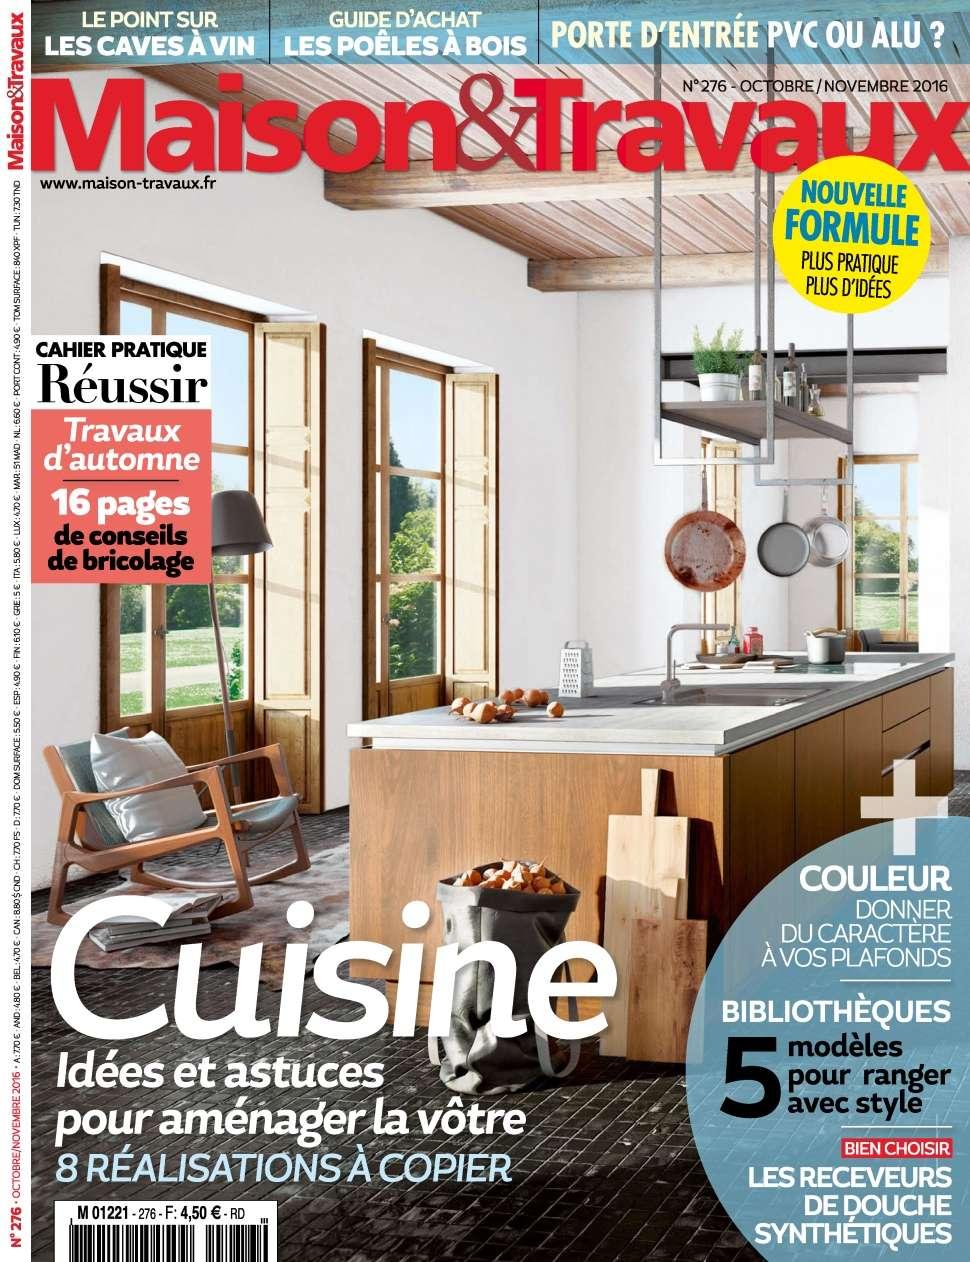 Maison & Travaux 276 - Octobre/Novembre 2016